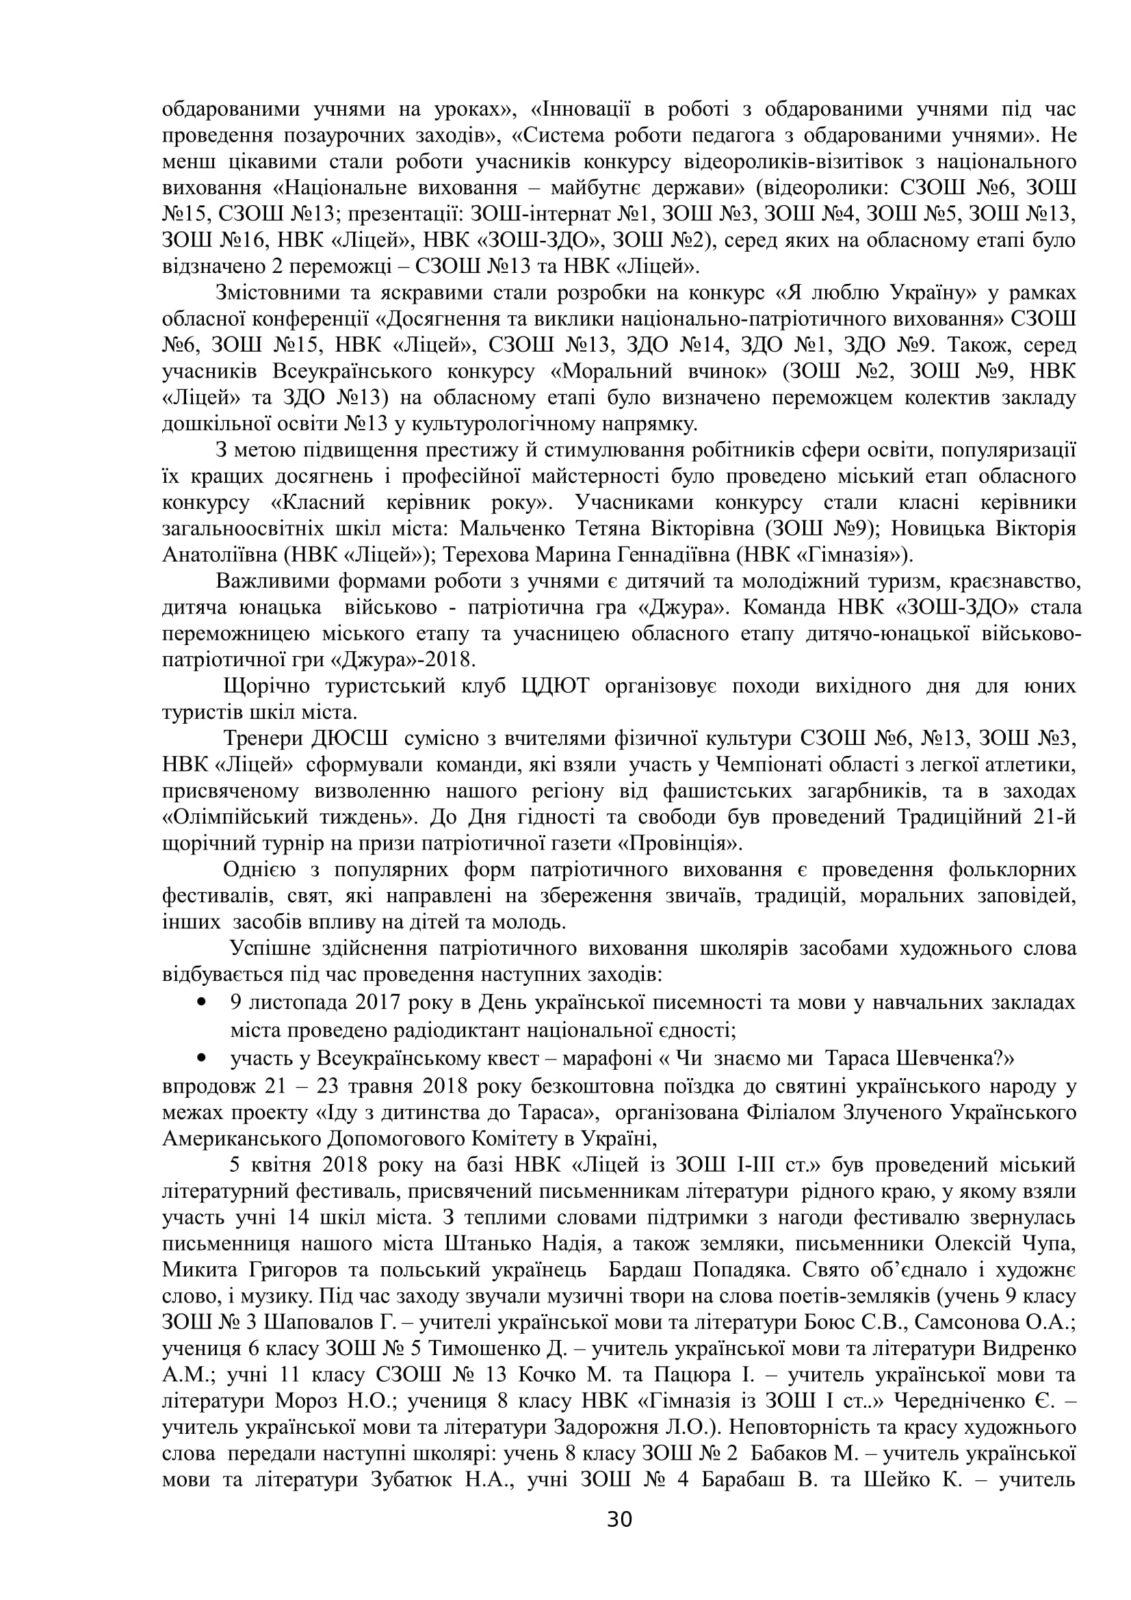 Костянтинівка 2018-2019 - ММК план роботи-31